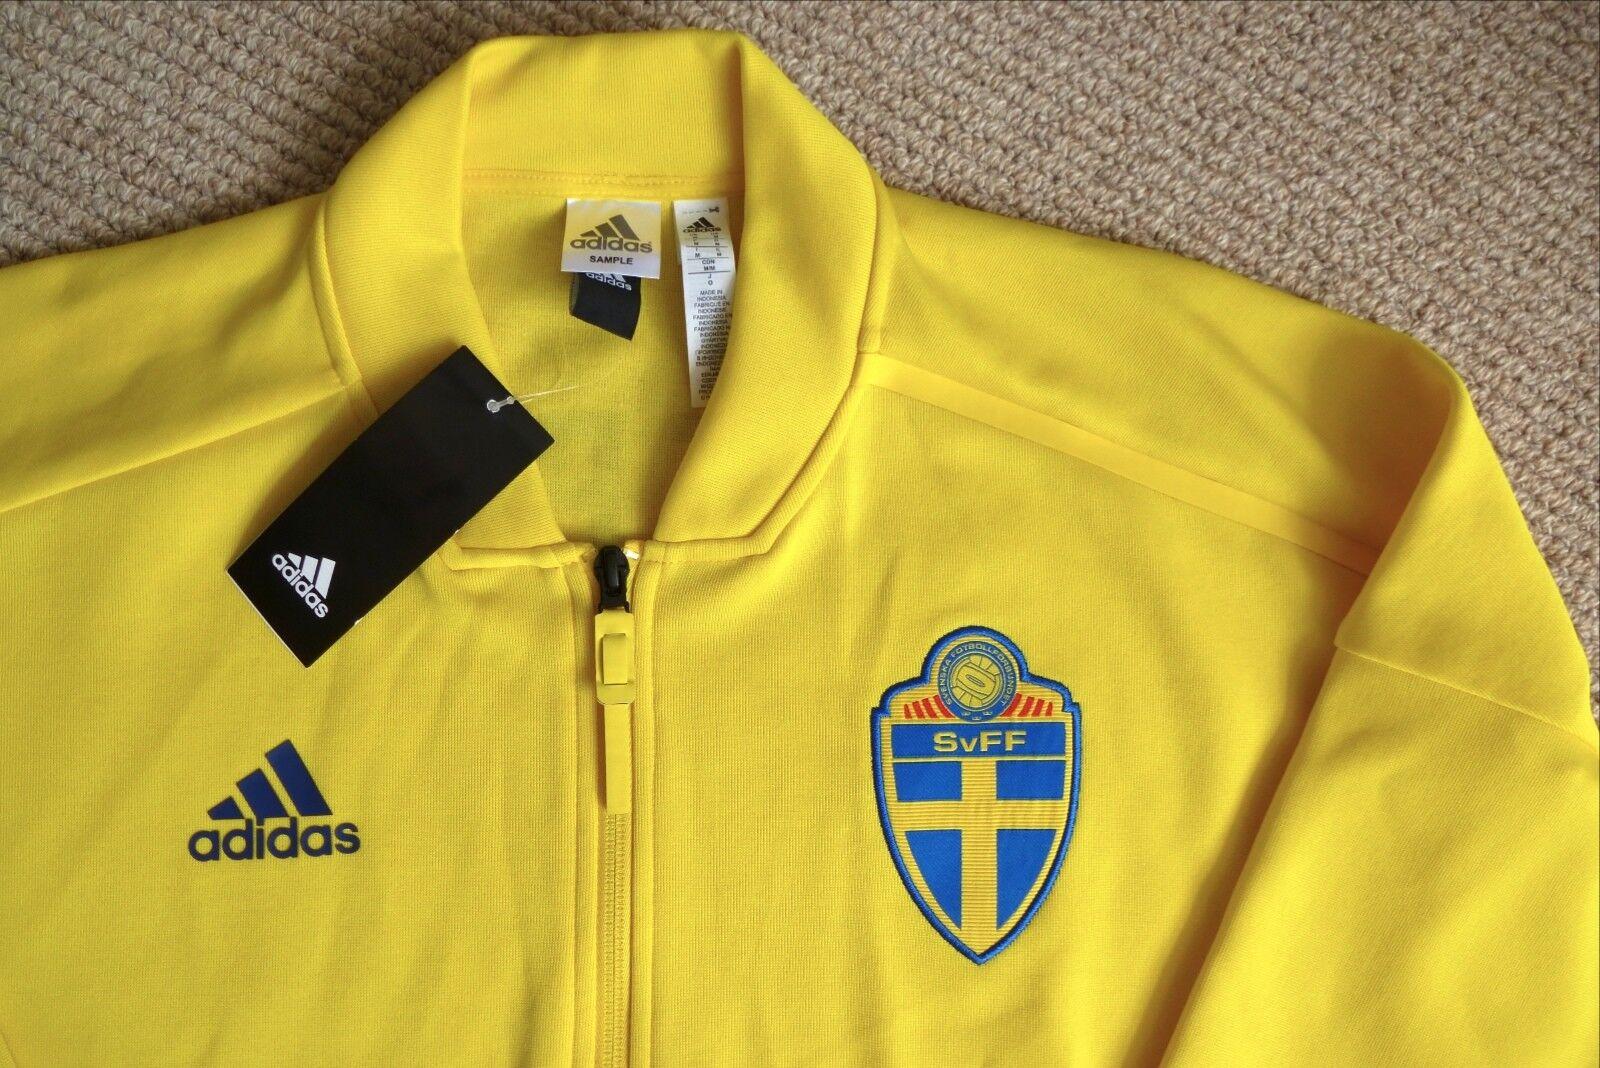 M 4143 ufficiali adidas traccia giacca Svezia CALCIO FOOTBALL TAG SVERIGE SVF